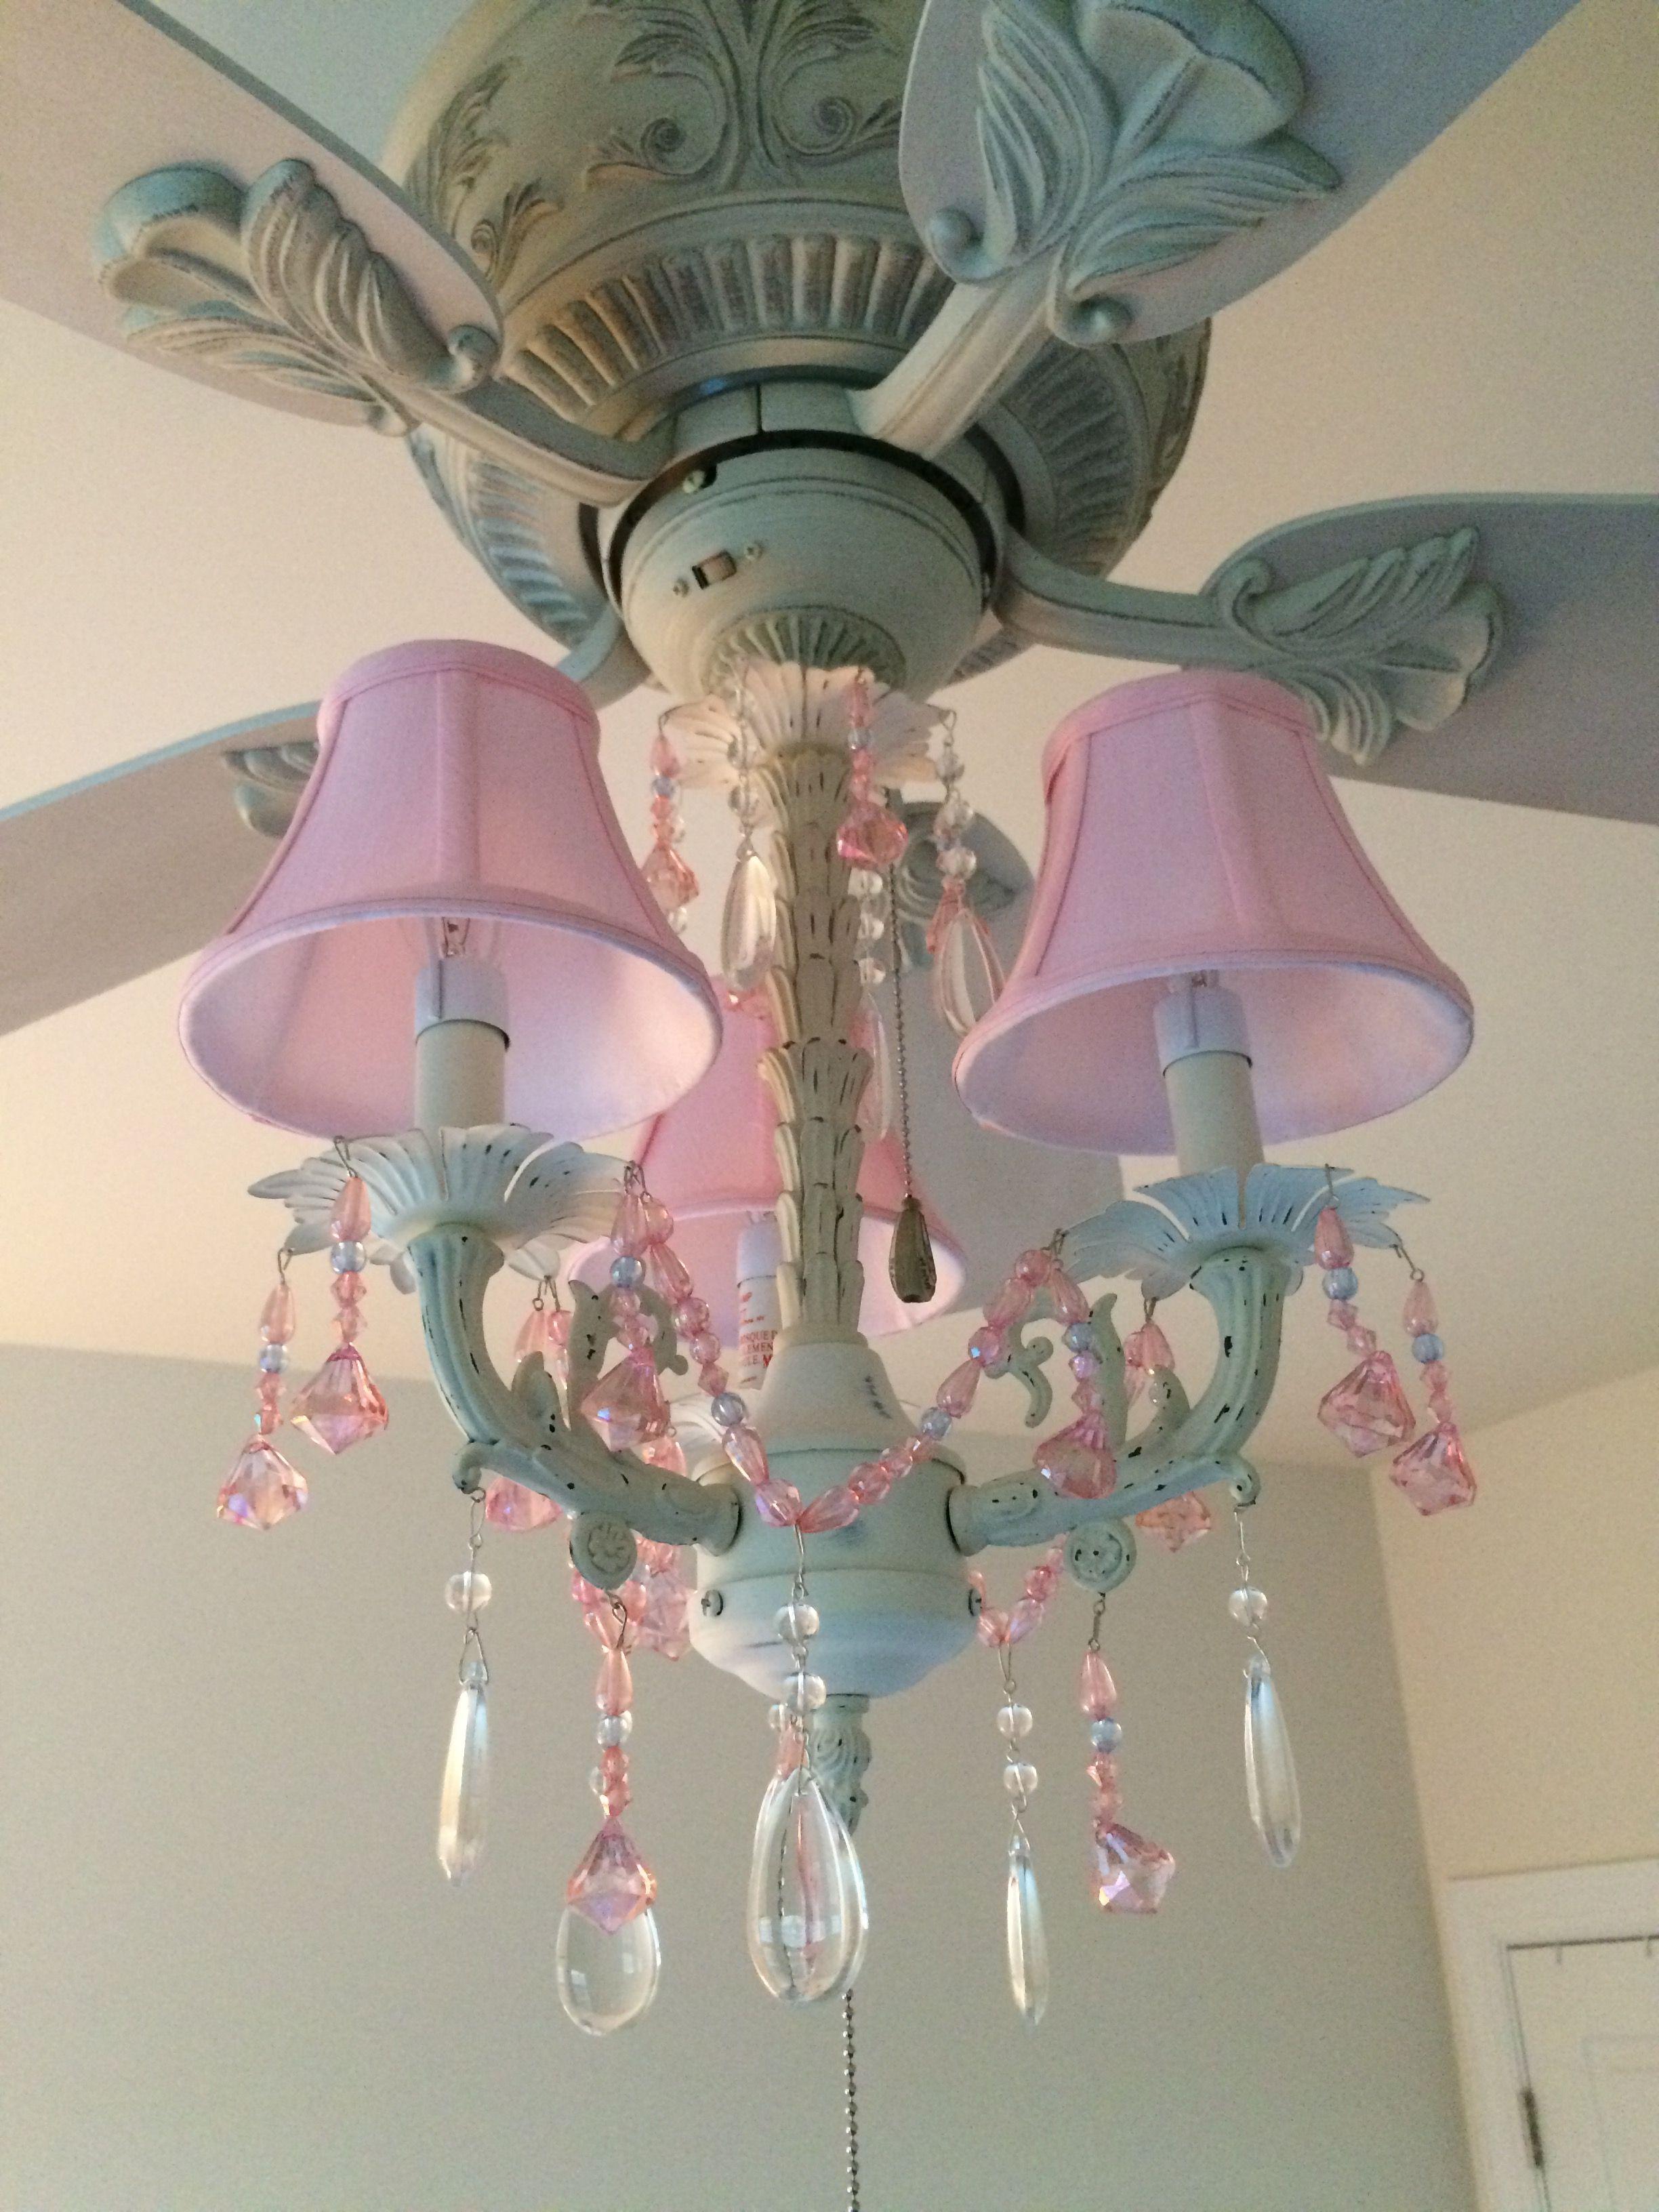 Best 25 Pink ceiling fan ideas on Pinterest  Ceiling fan girls room Girls ceiling fan and